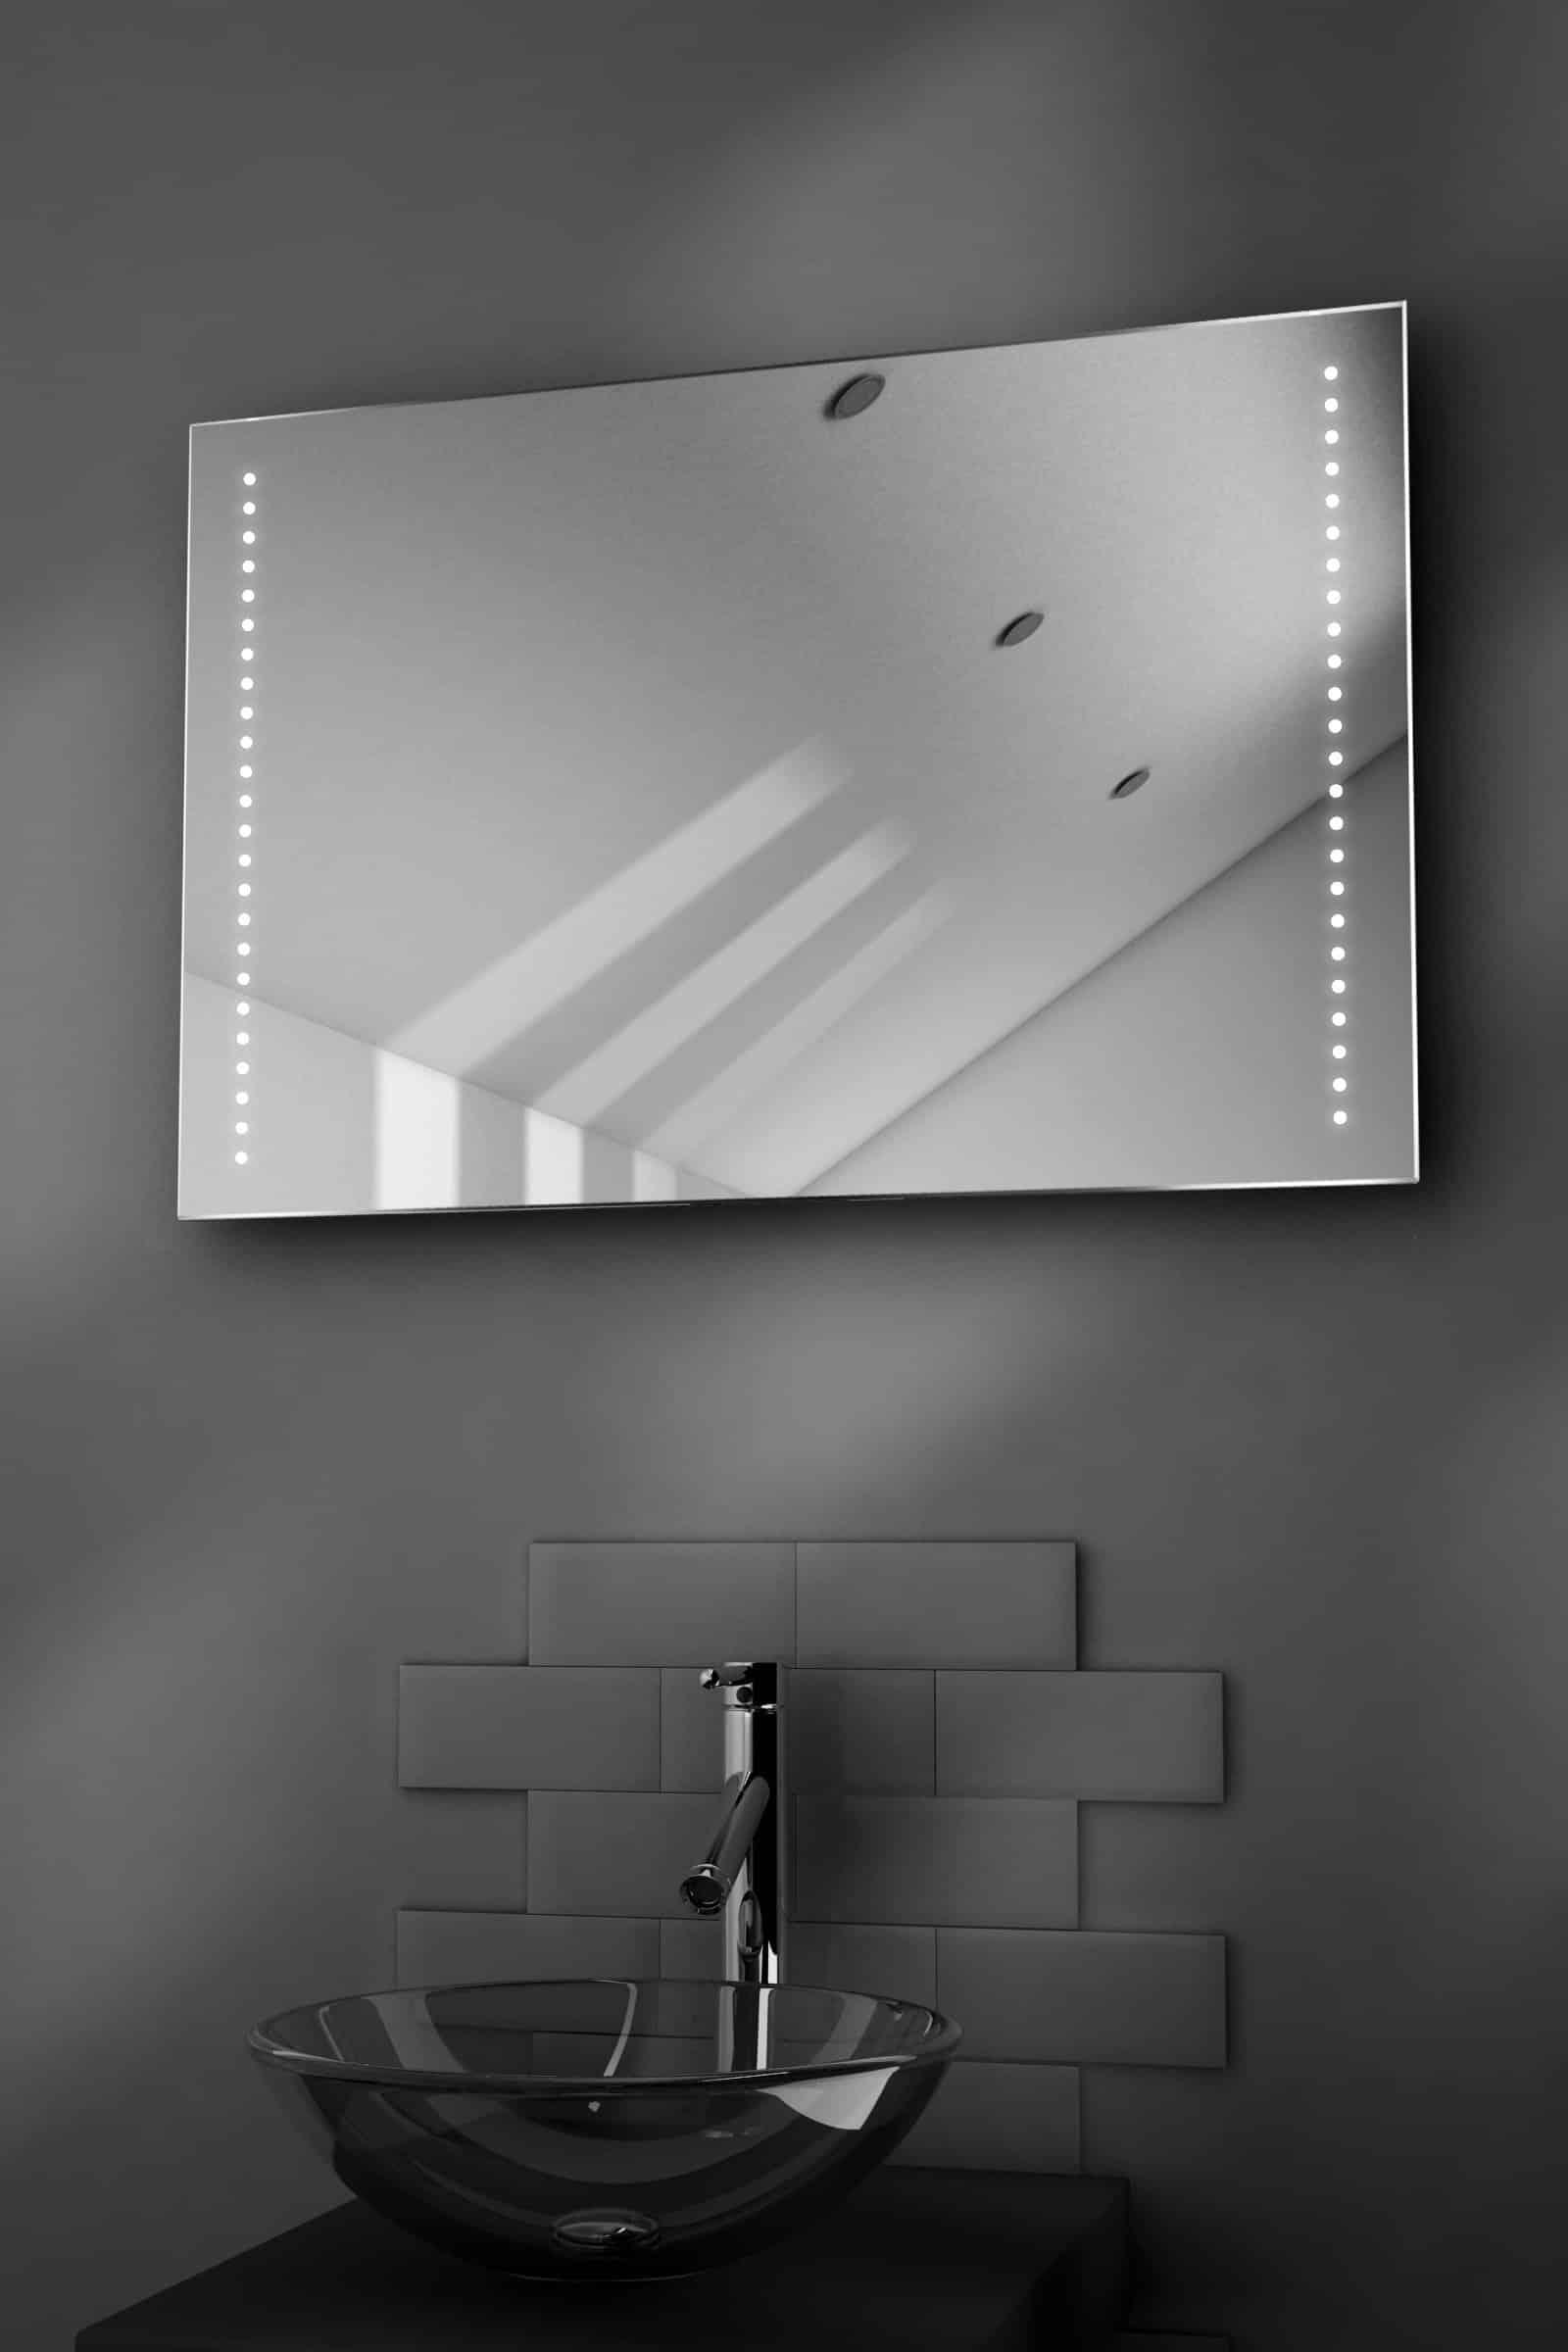 #66666622387480 Douchen Badkamer Is Al Bijna Klaar # Badkamer Online Design Badkamer  betrouwbaar Design Badkamer Stoel 1097 afbeelding opslaan 160024001097 Idee